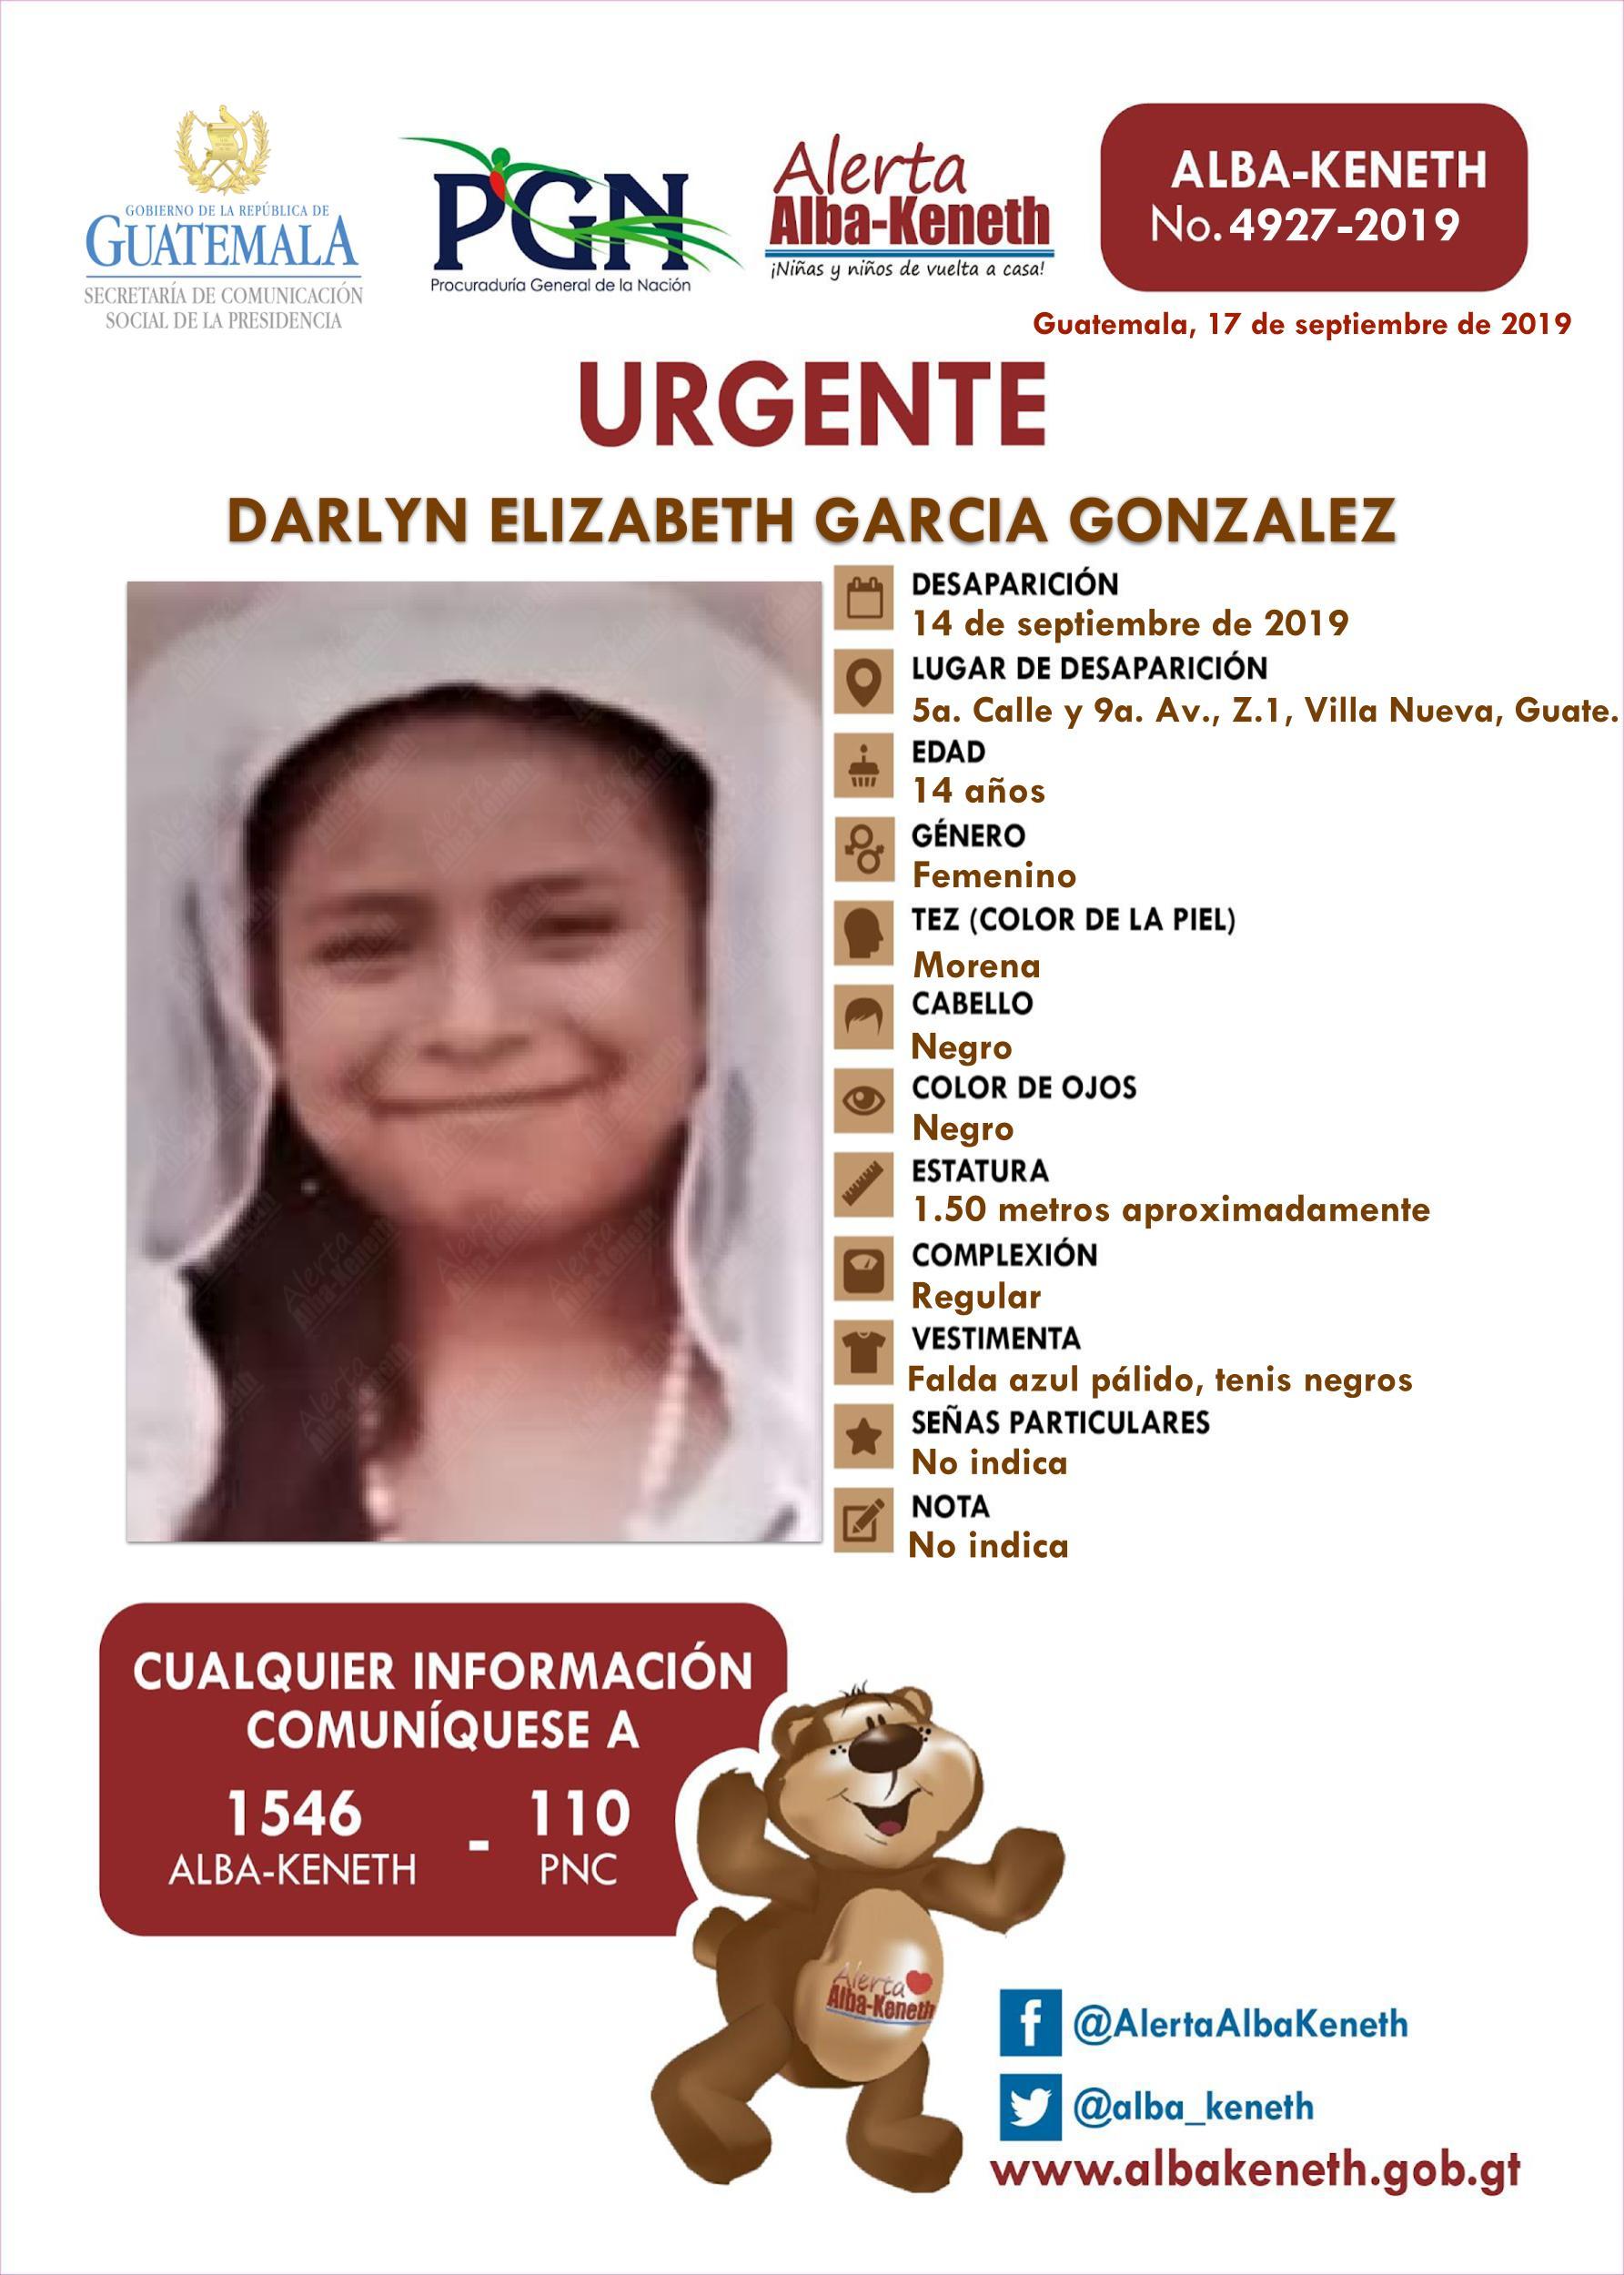 Darlyn Elizabeth Garcia Gonzalez